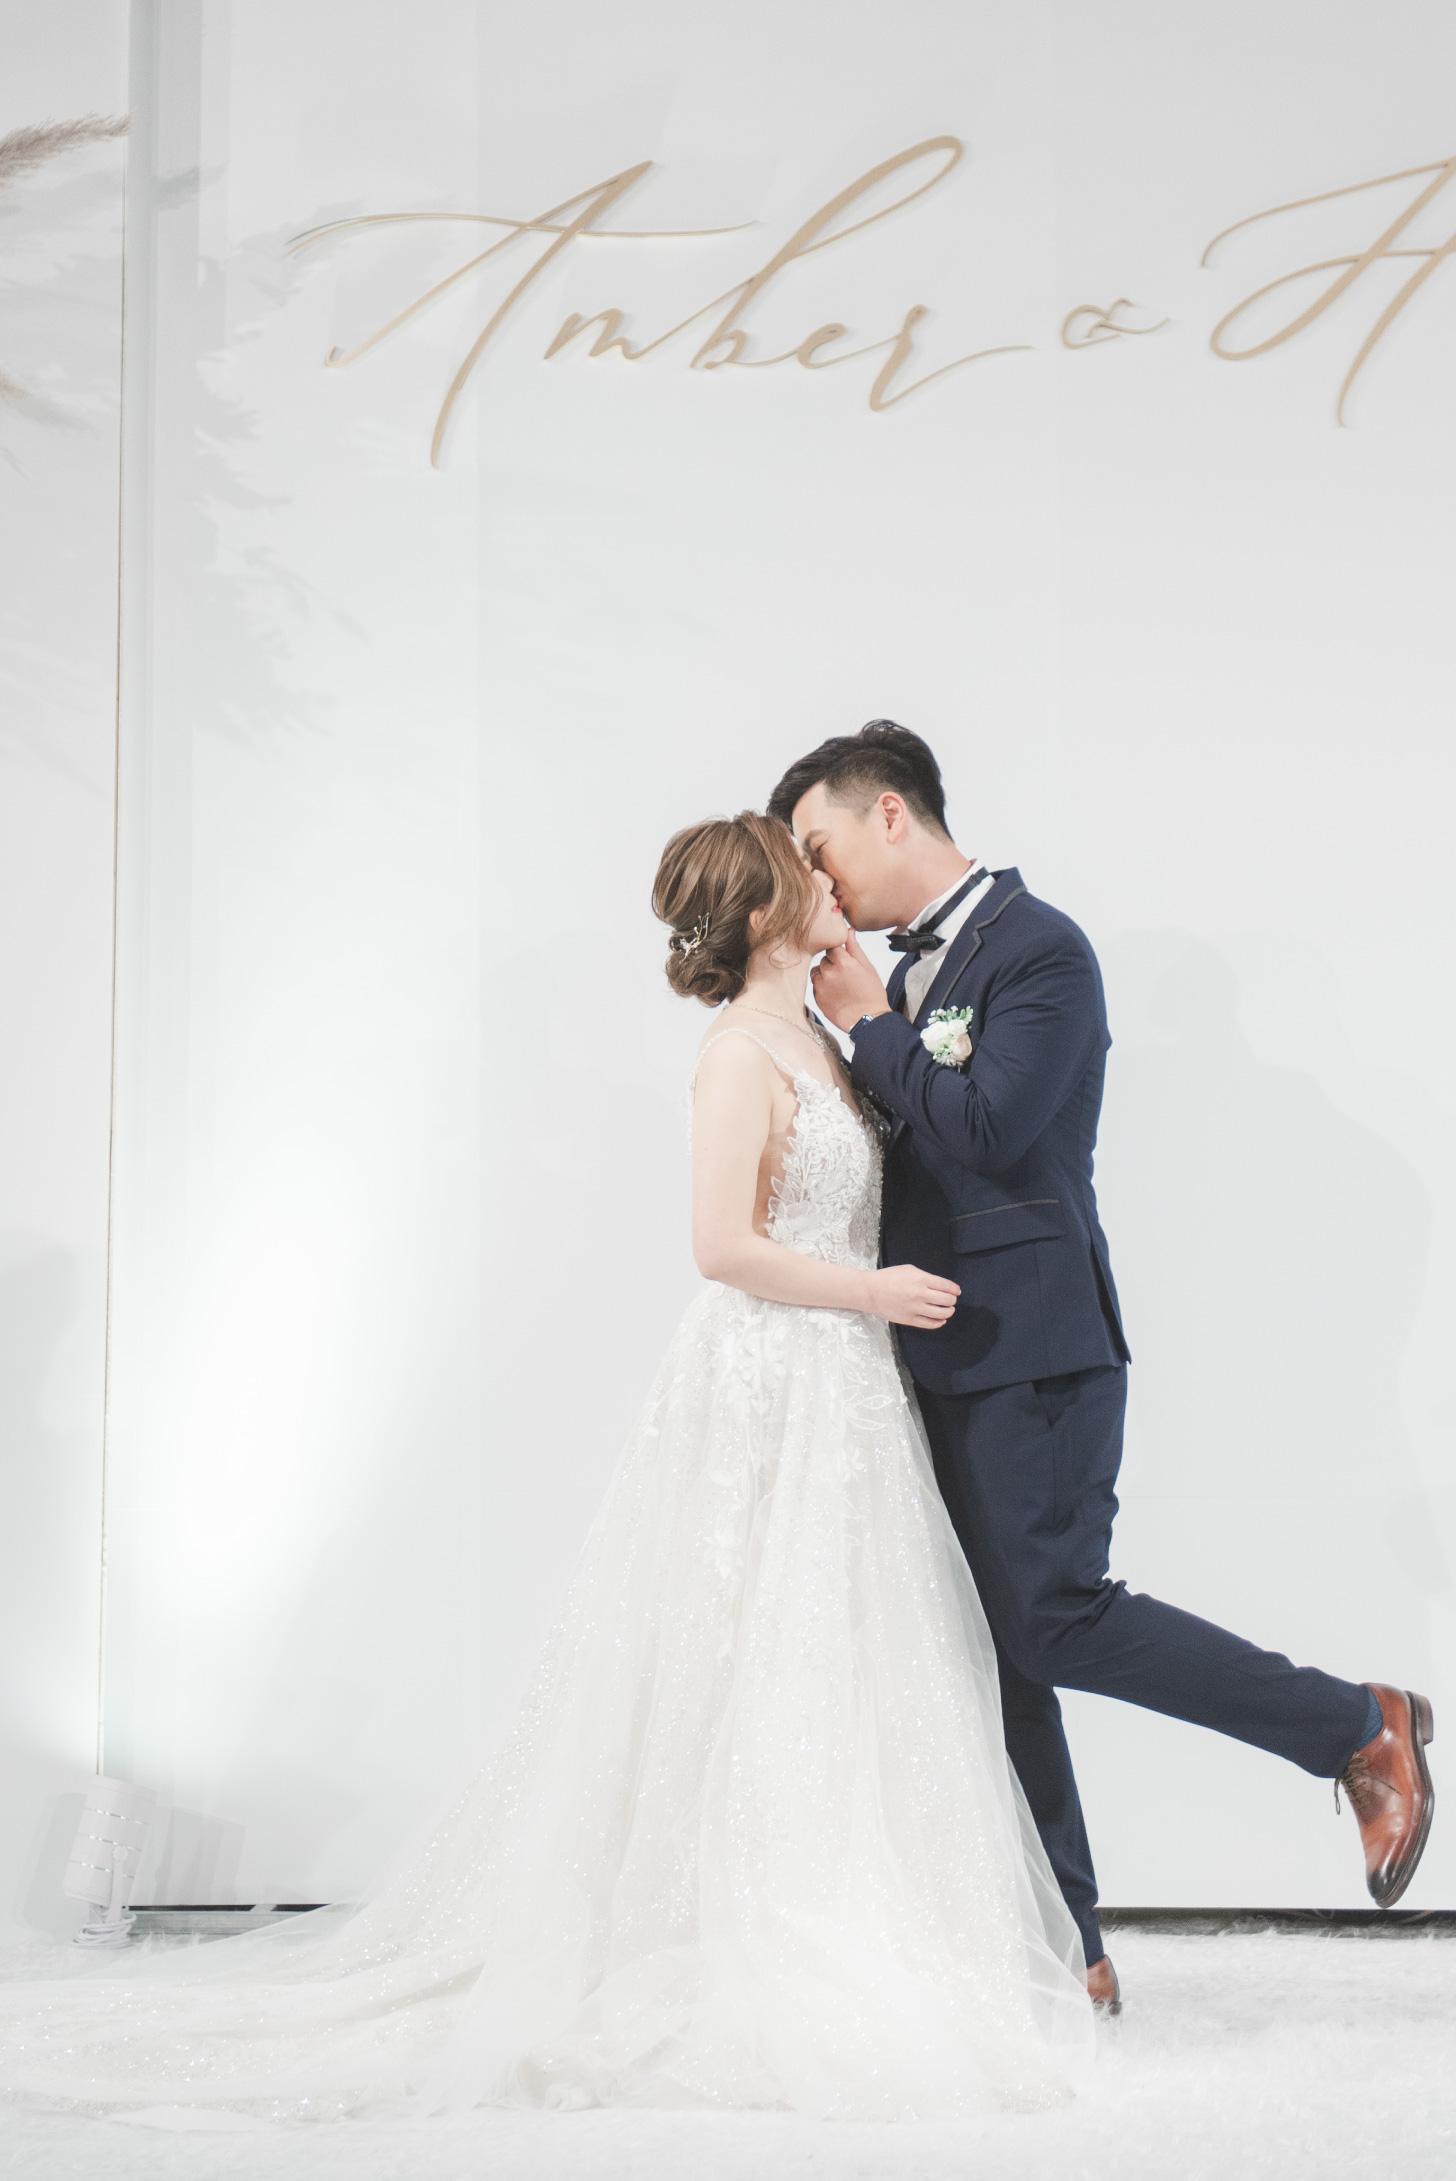 hong-kong-couple-kissing-calligraphy-backdrop